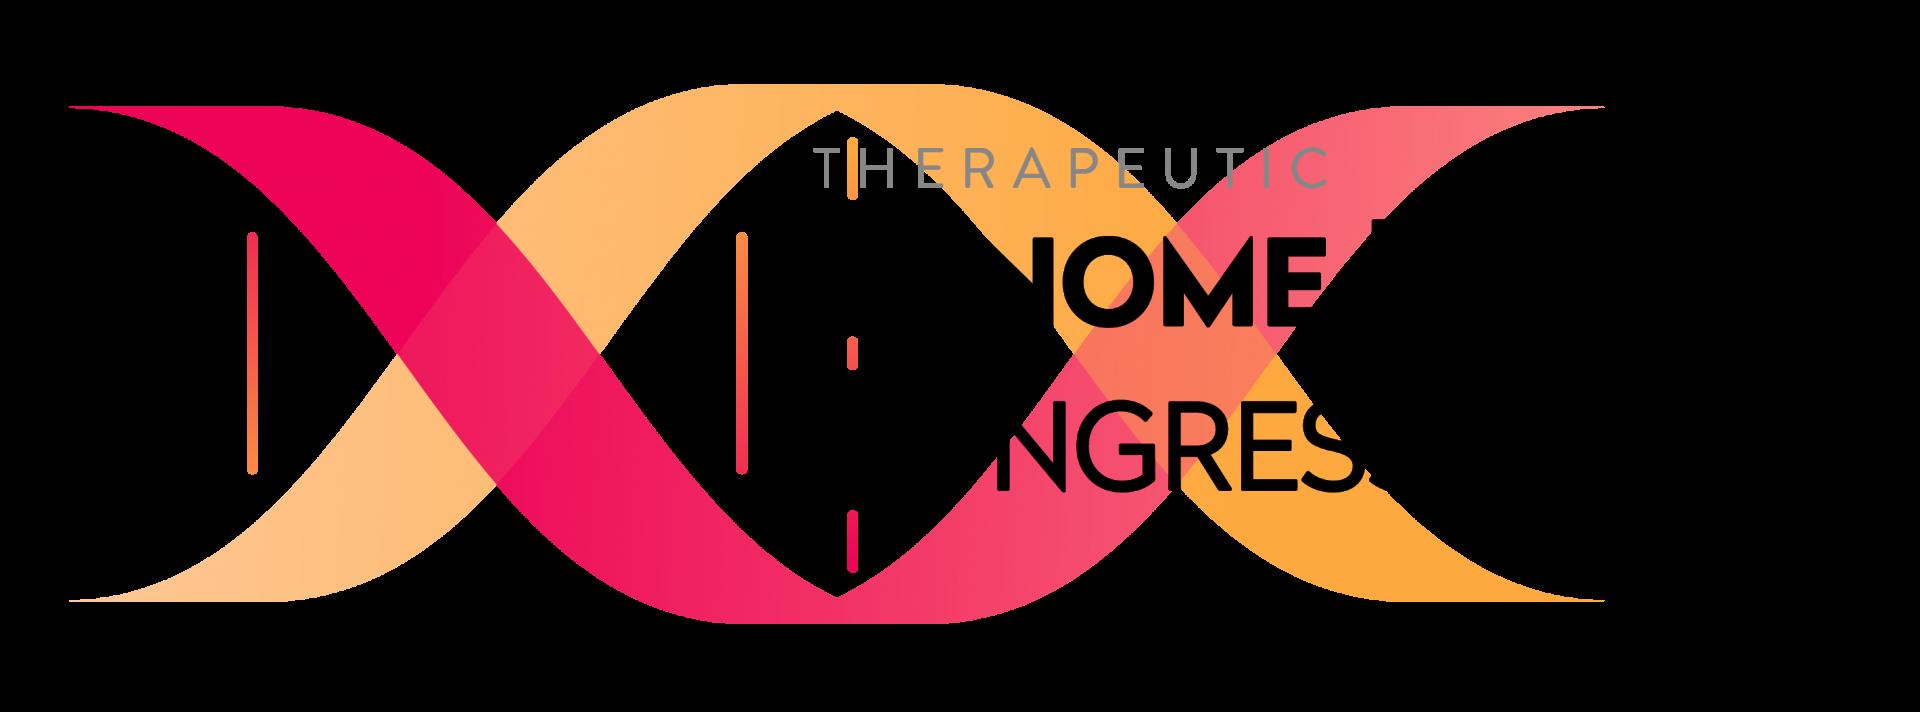 Therapeutic Genome Editing Congress